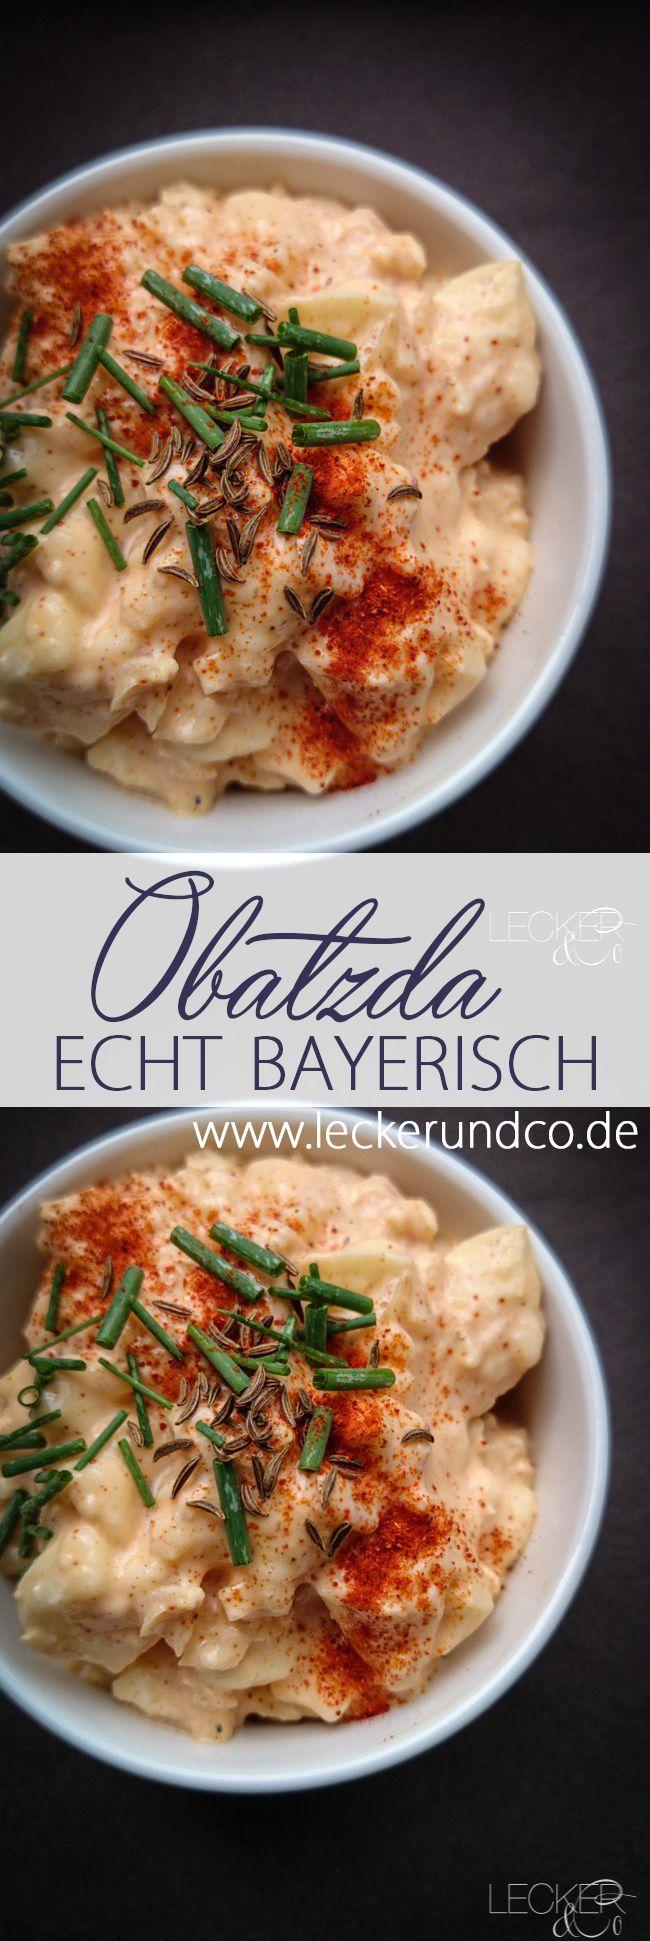 Obatzda nach Bayerischem Originalrezept